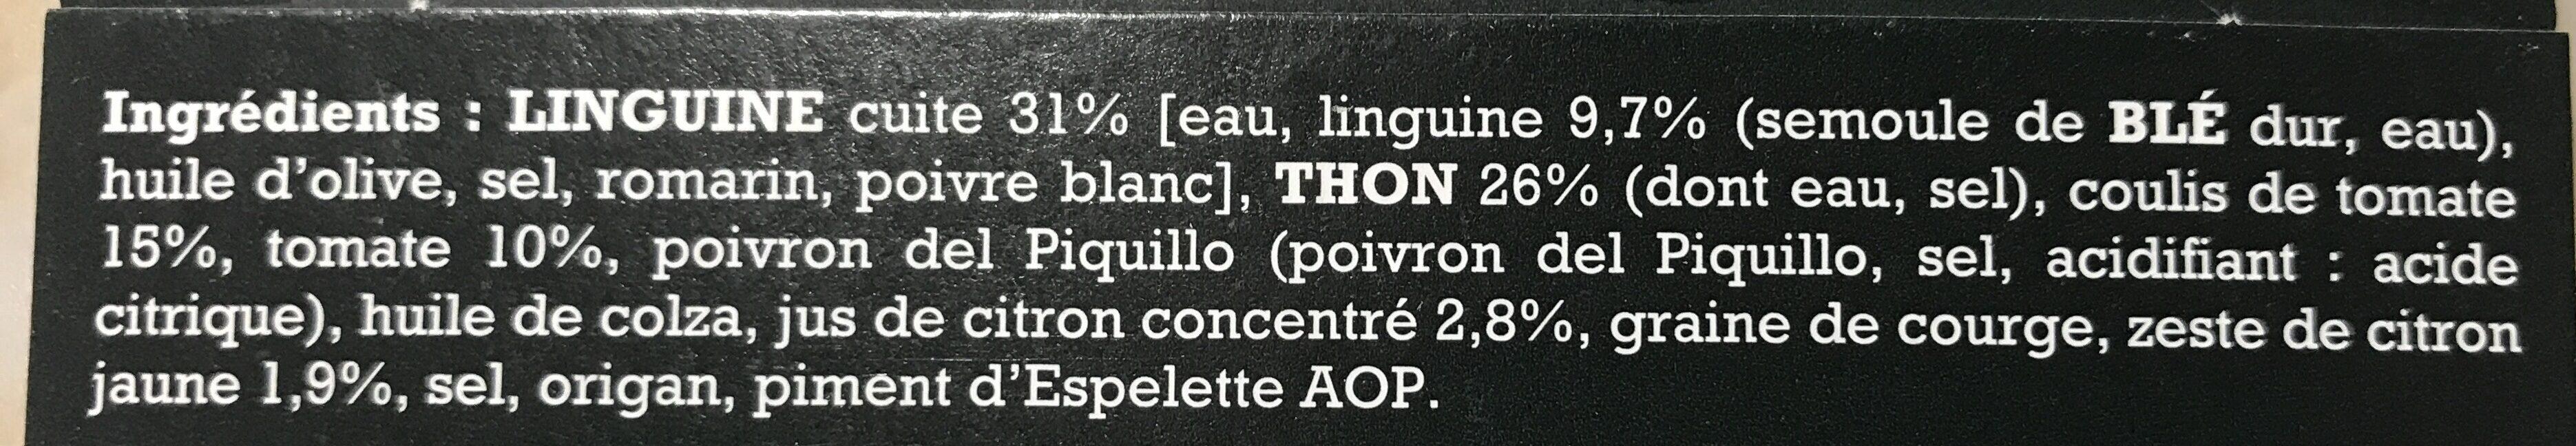 Linguine aux tomates et thon - Ingredients